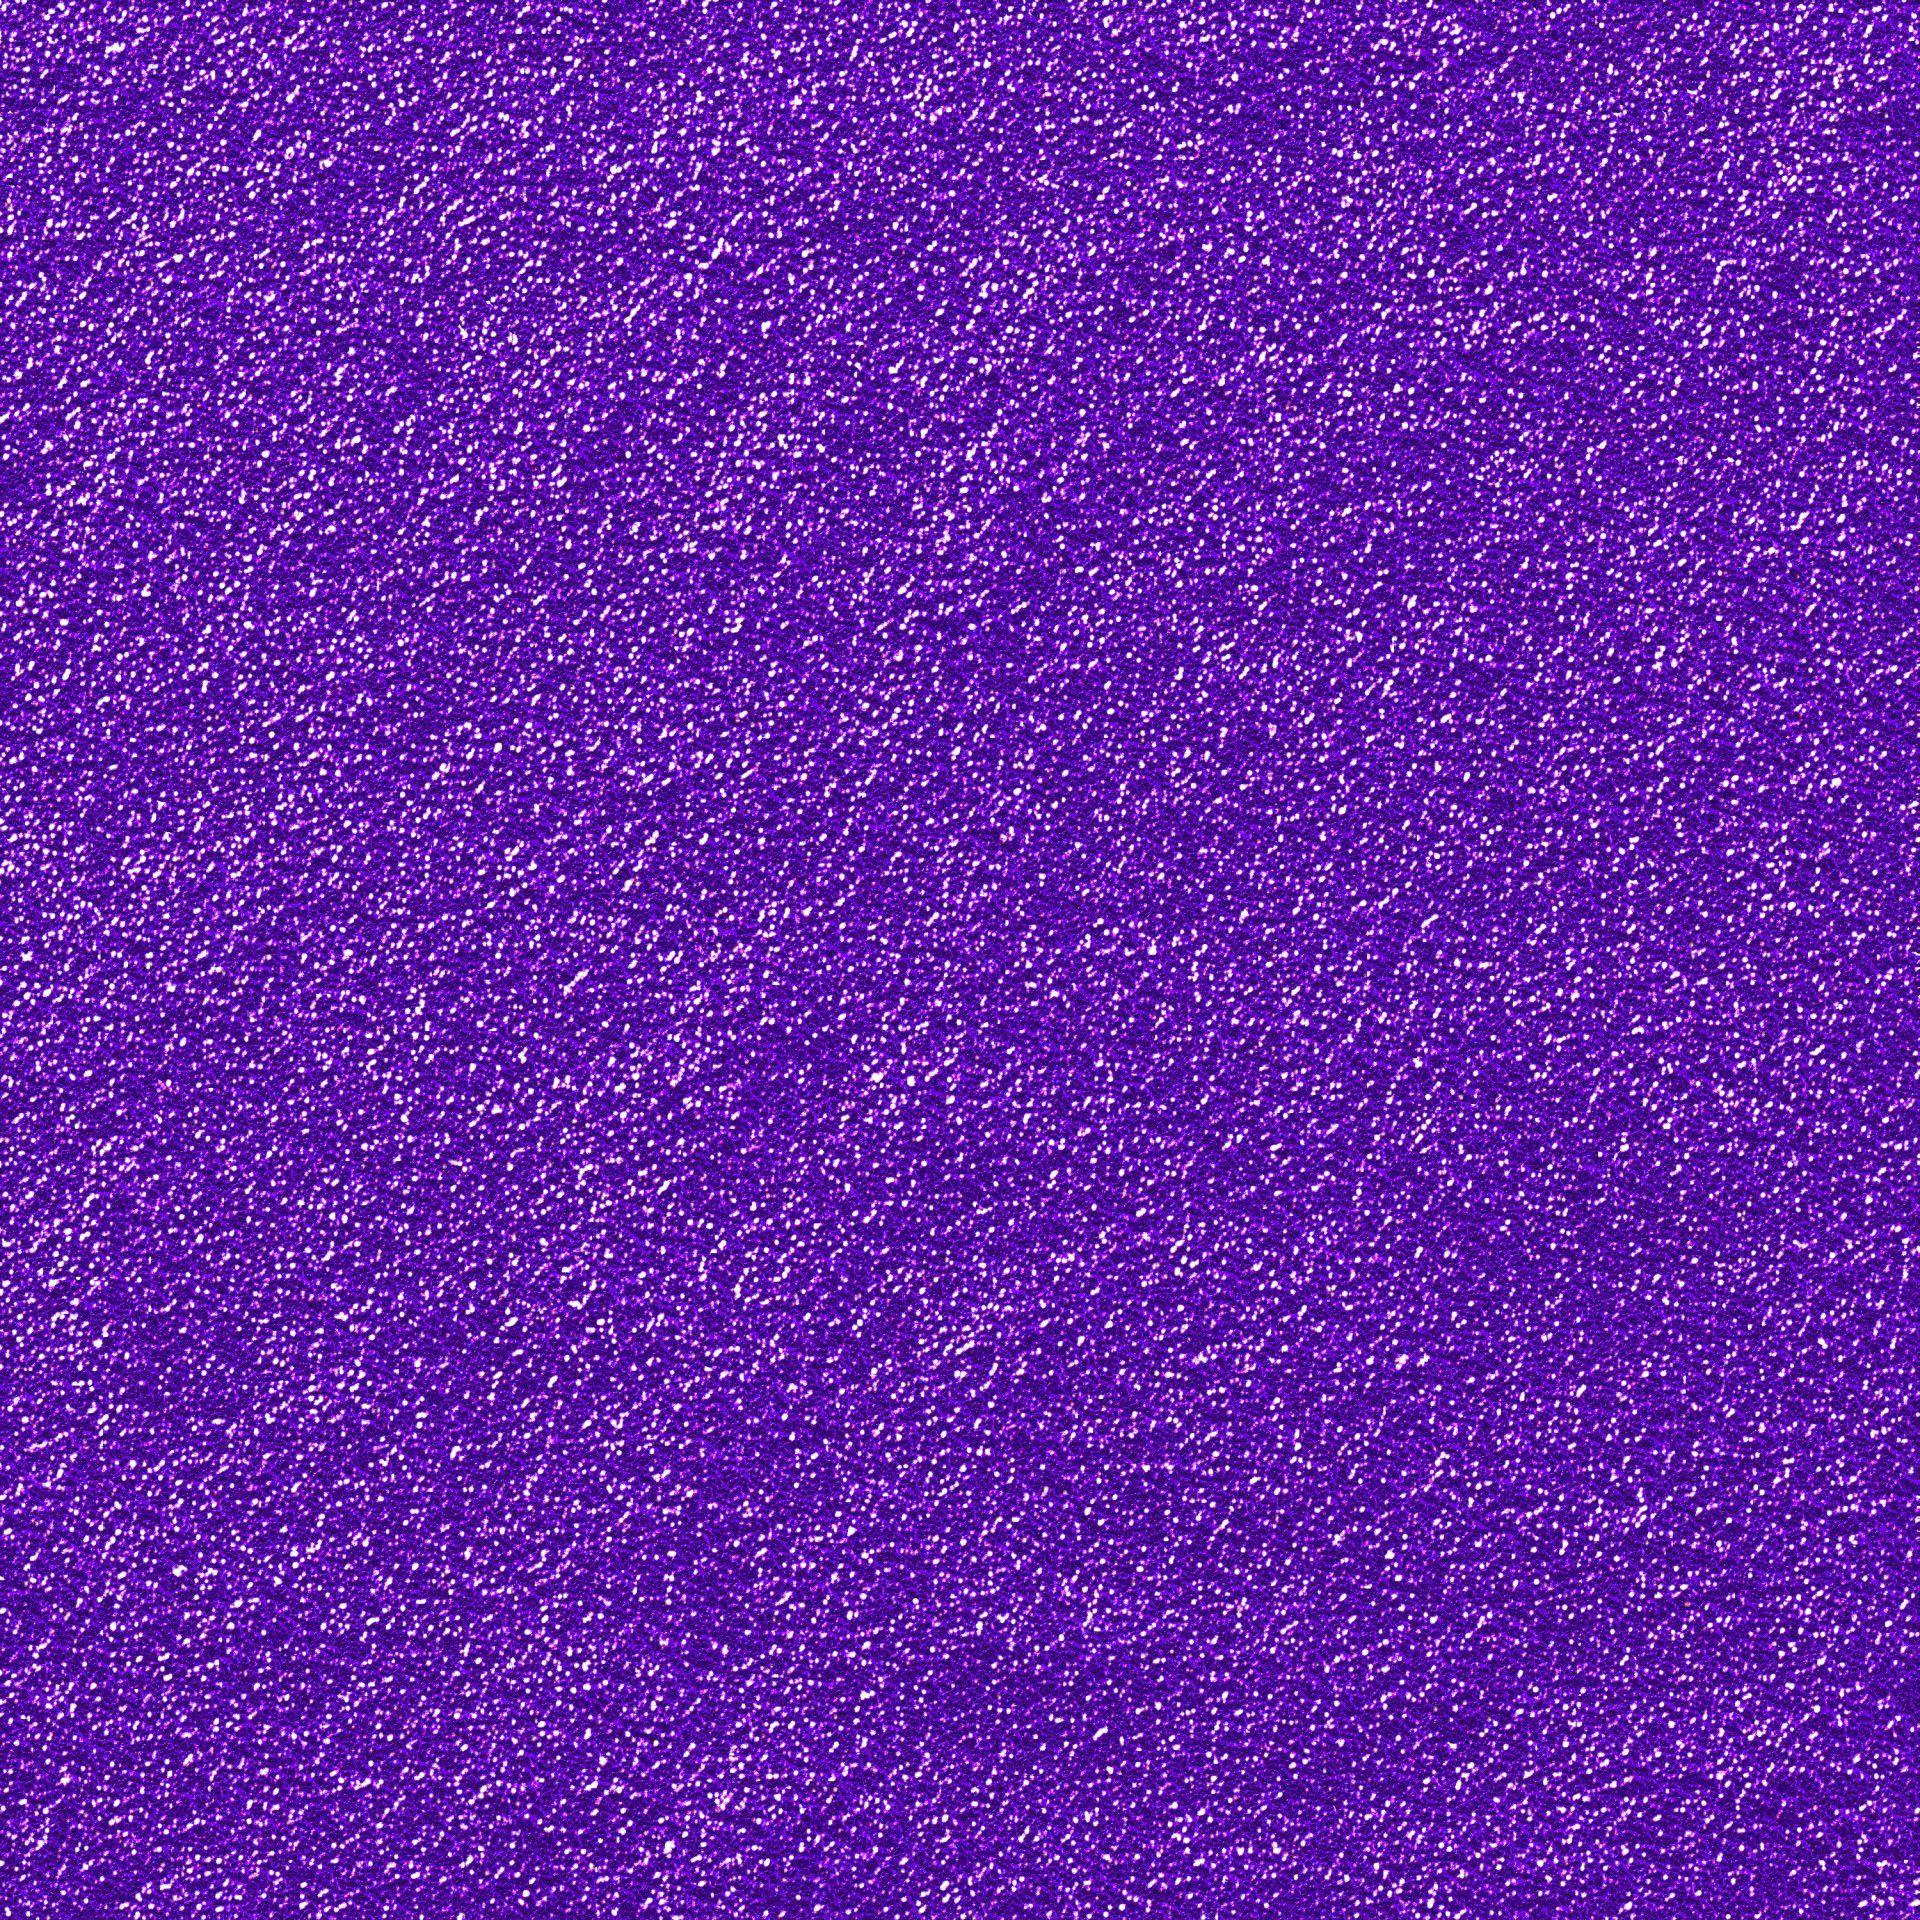 beste ideeën over Purple glitter wallpaper op Pinterest